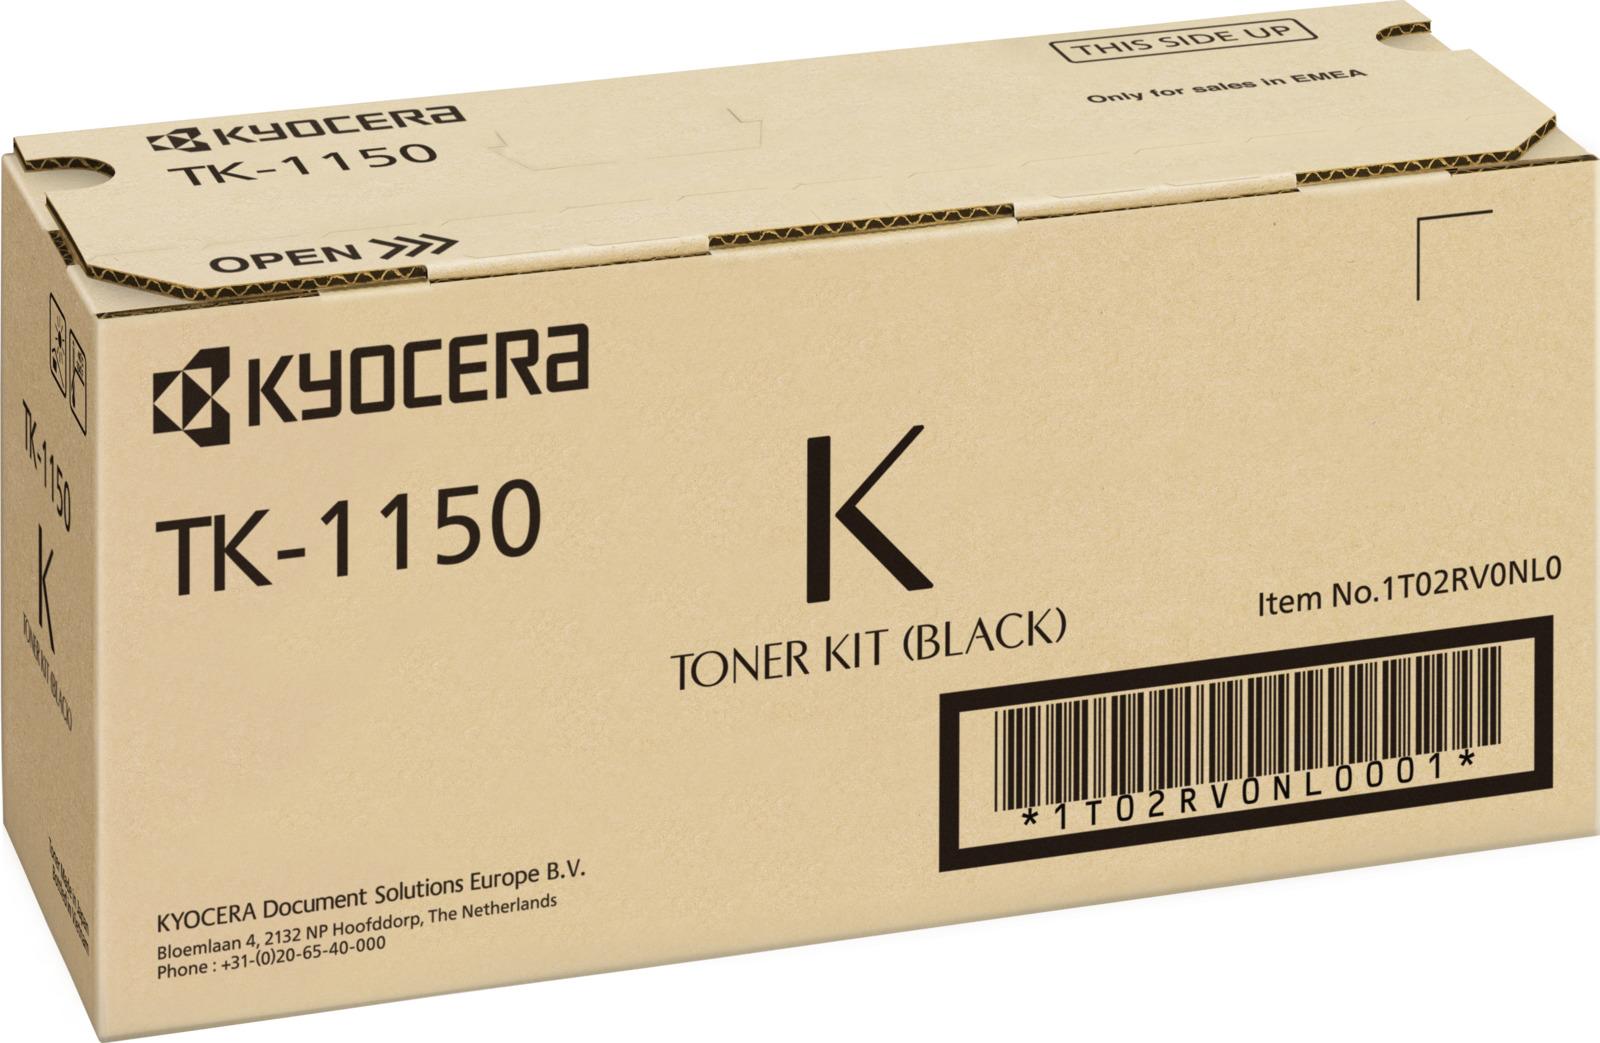 Картридж Kyocera TK-1150 для Kyocera P2235dn P2235dw M2135dn M2635dn M2735dw. Черный. 3000 страниц. тонер картридж cactus cs tk1150 черный black 3000стр для kyocera ecosys p2235d p2235dn p2235dw m2735dw